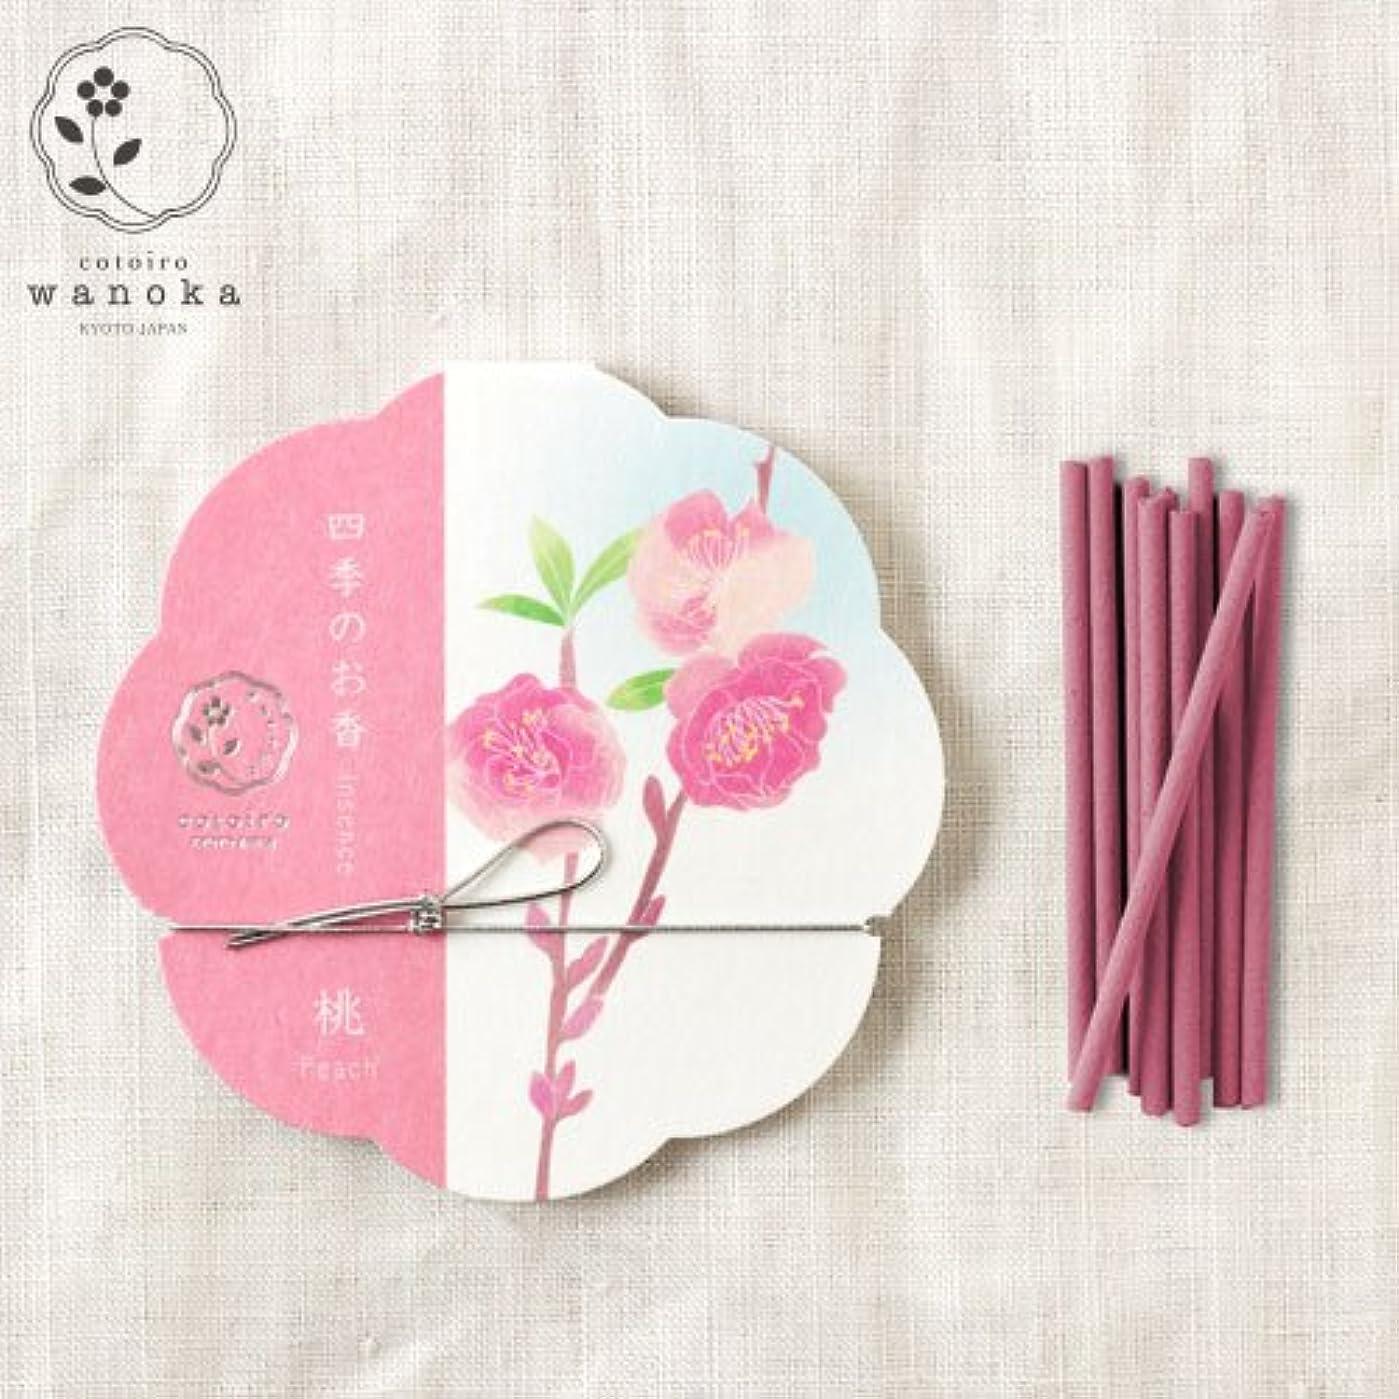 影響力のある特殊寮wanoka四季のお香(インセンス)桃《桃のお花をイメージした甘い香り》ART LABIncense stick